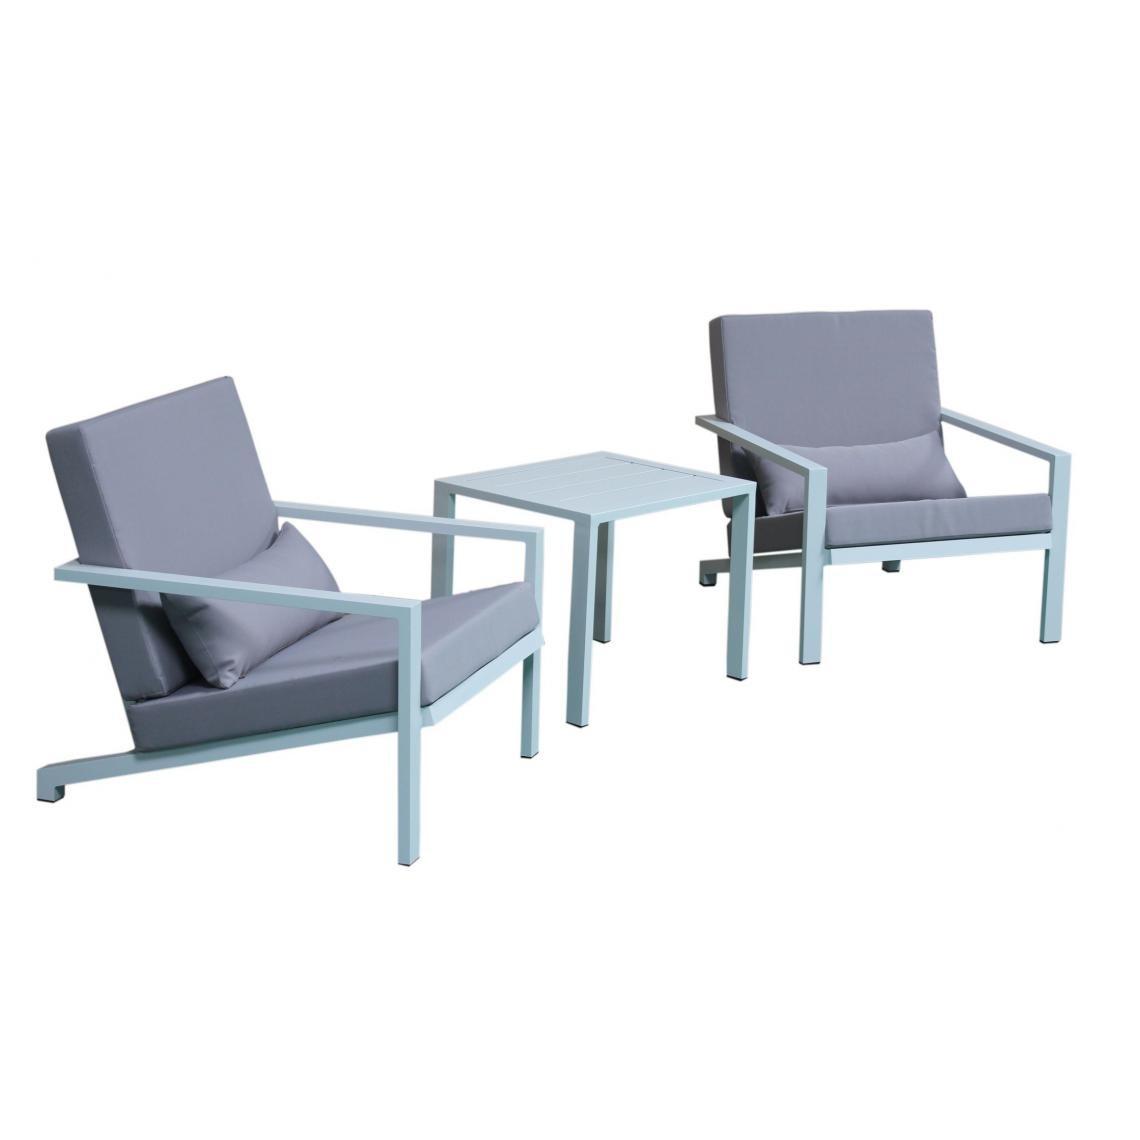 Salon de Jardin En Aluminium Blanc et Gris LINA   3 SUISSES